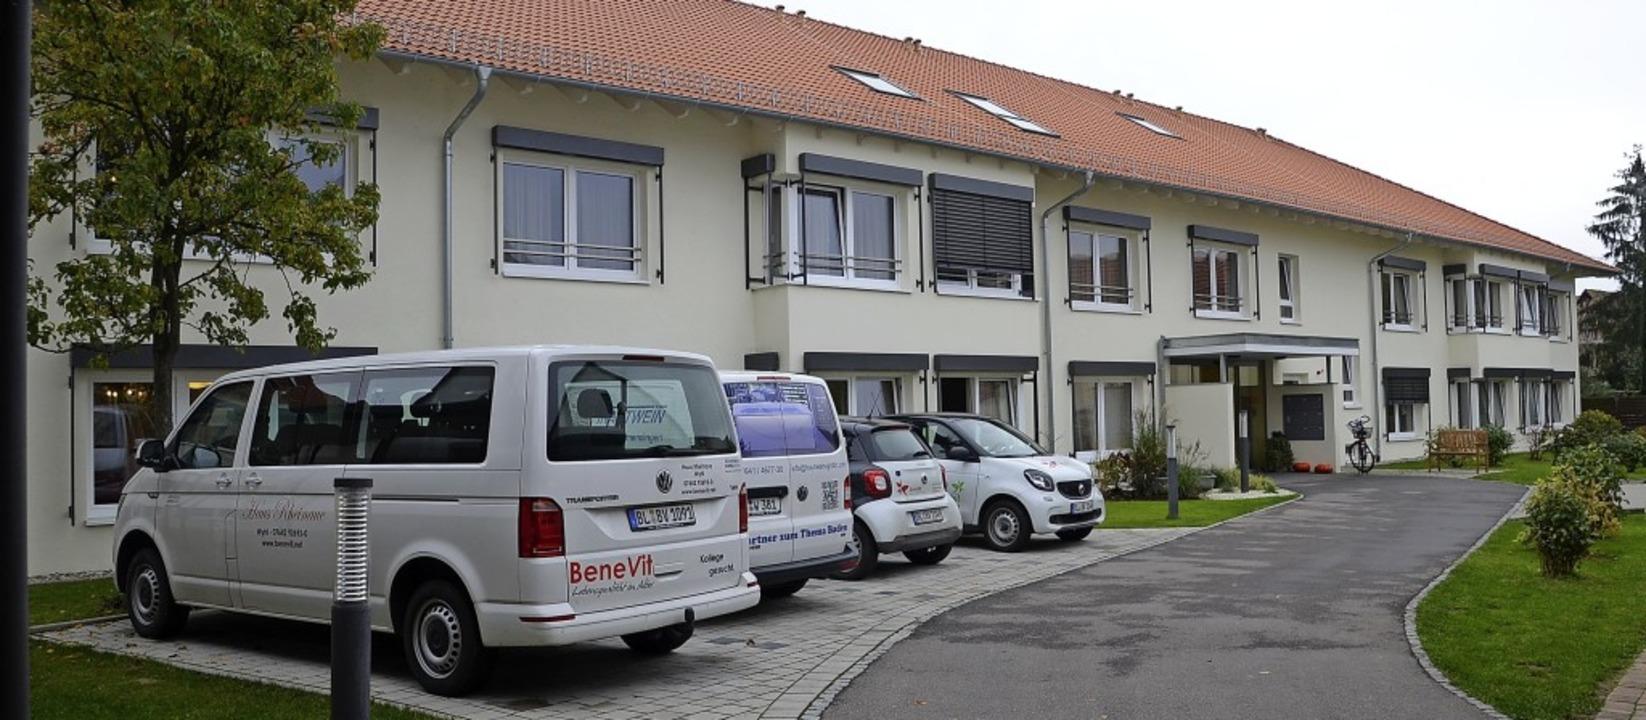 """In den vier Wohngruppen des Pflegeheim...inaue"""" leben rund  56 Menschen.     Foto: Roland Vitt"""